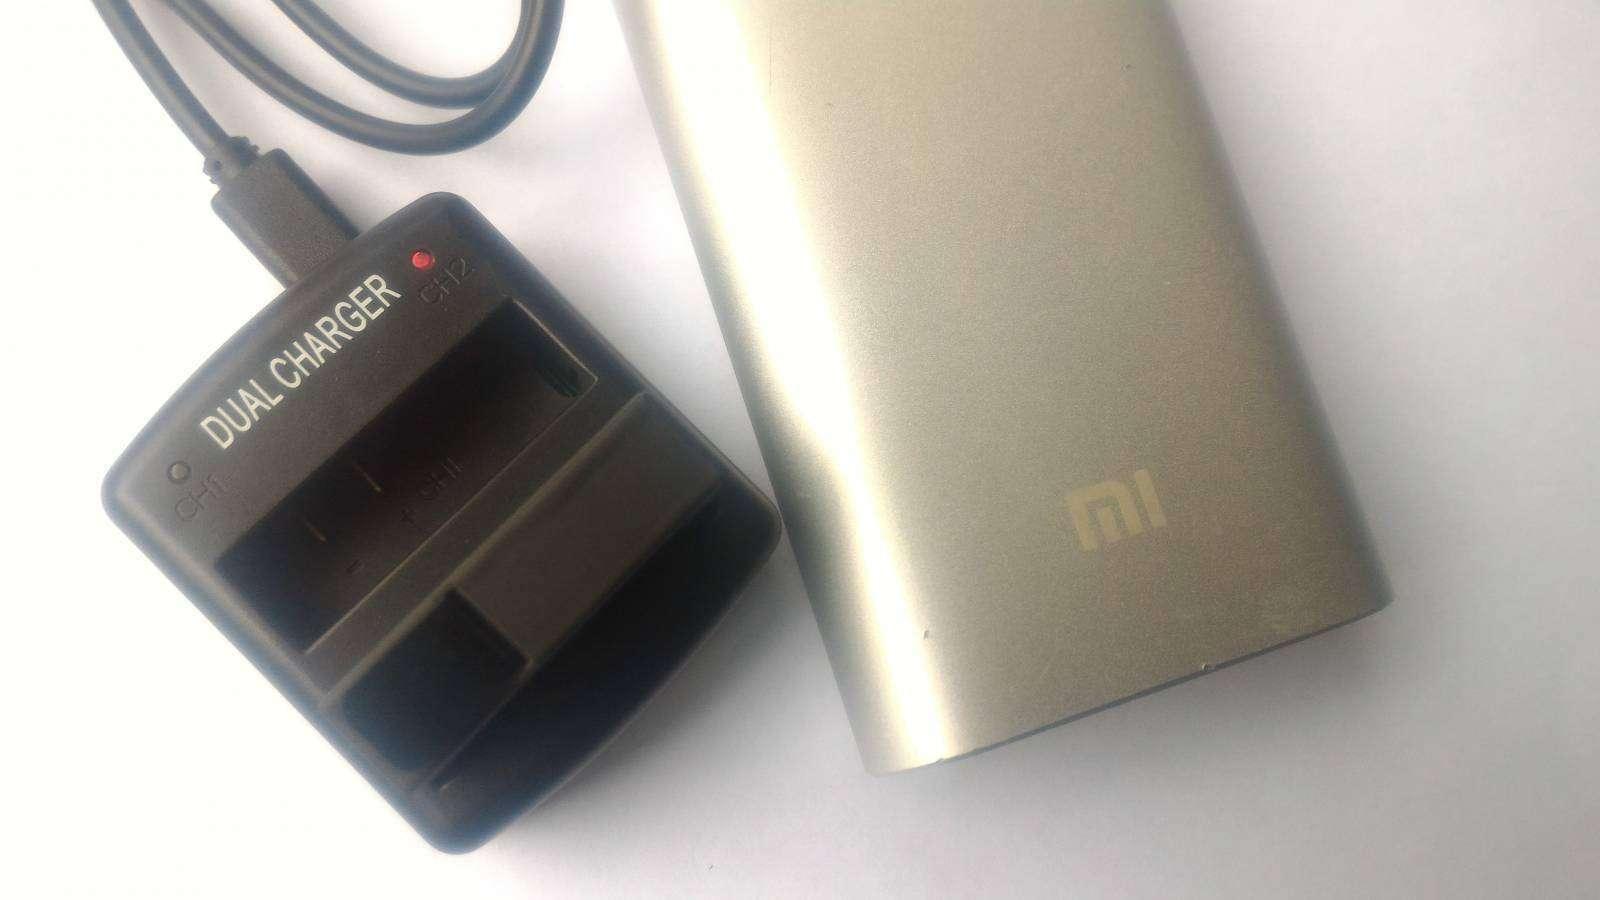 GearBest: Док станция и аккумулятор для новой экшн камеры Xiaomi Yi 2  4K